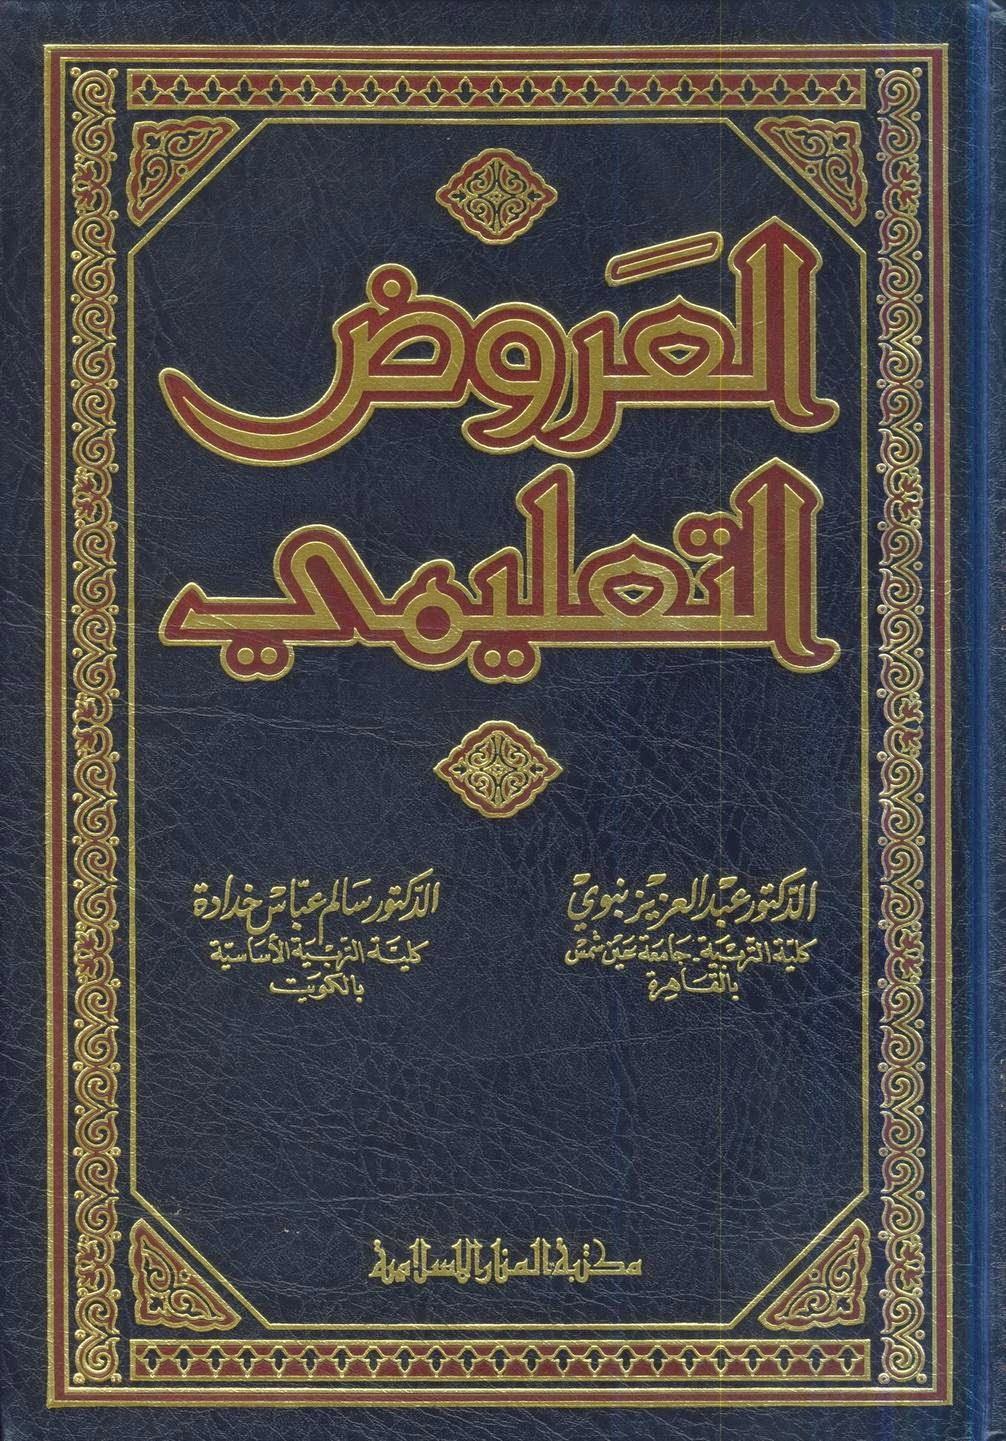 كتاب العروض التعليمي - عبد العزيز نبوي و سالم عباس خدادة